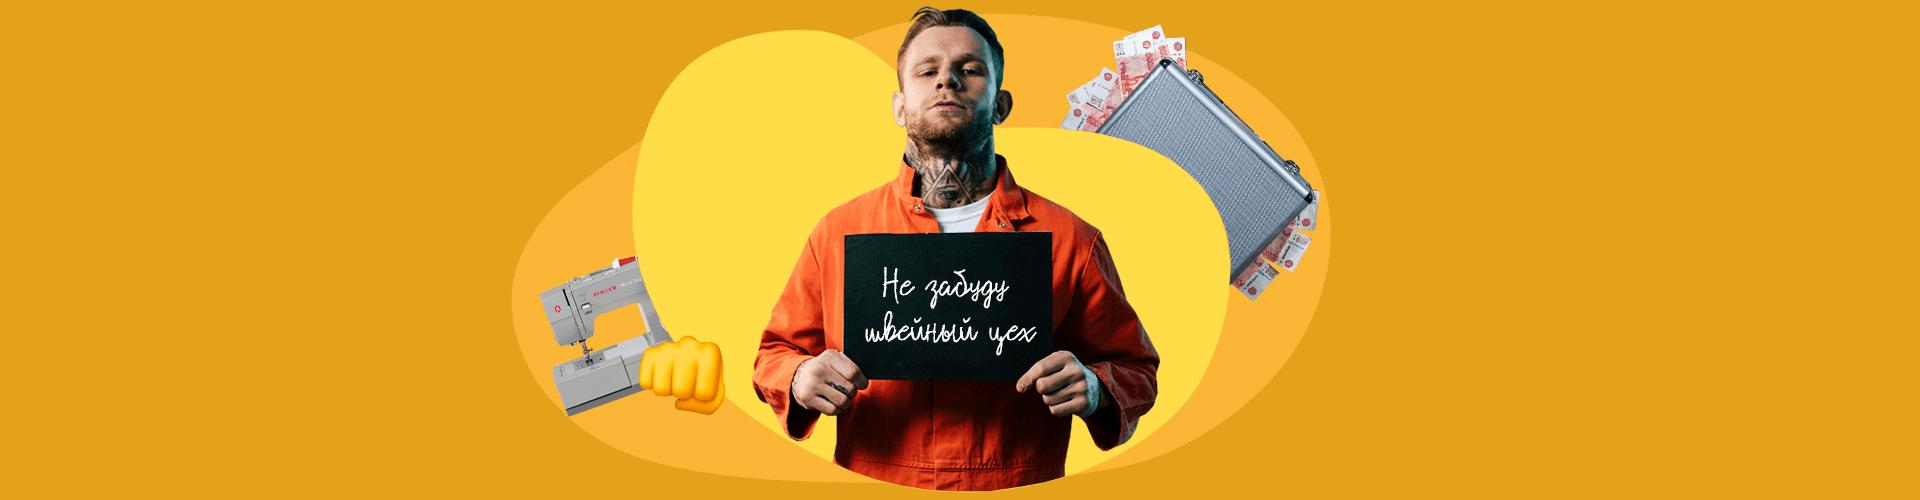 заключенный, швейный цех, чемодан денег